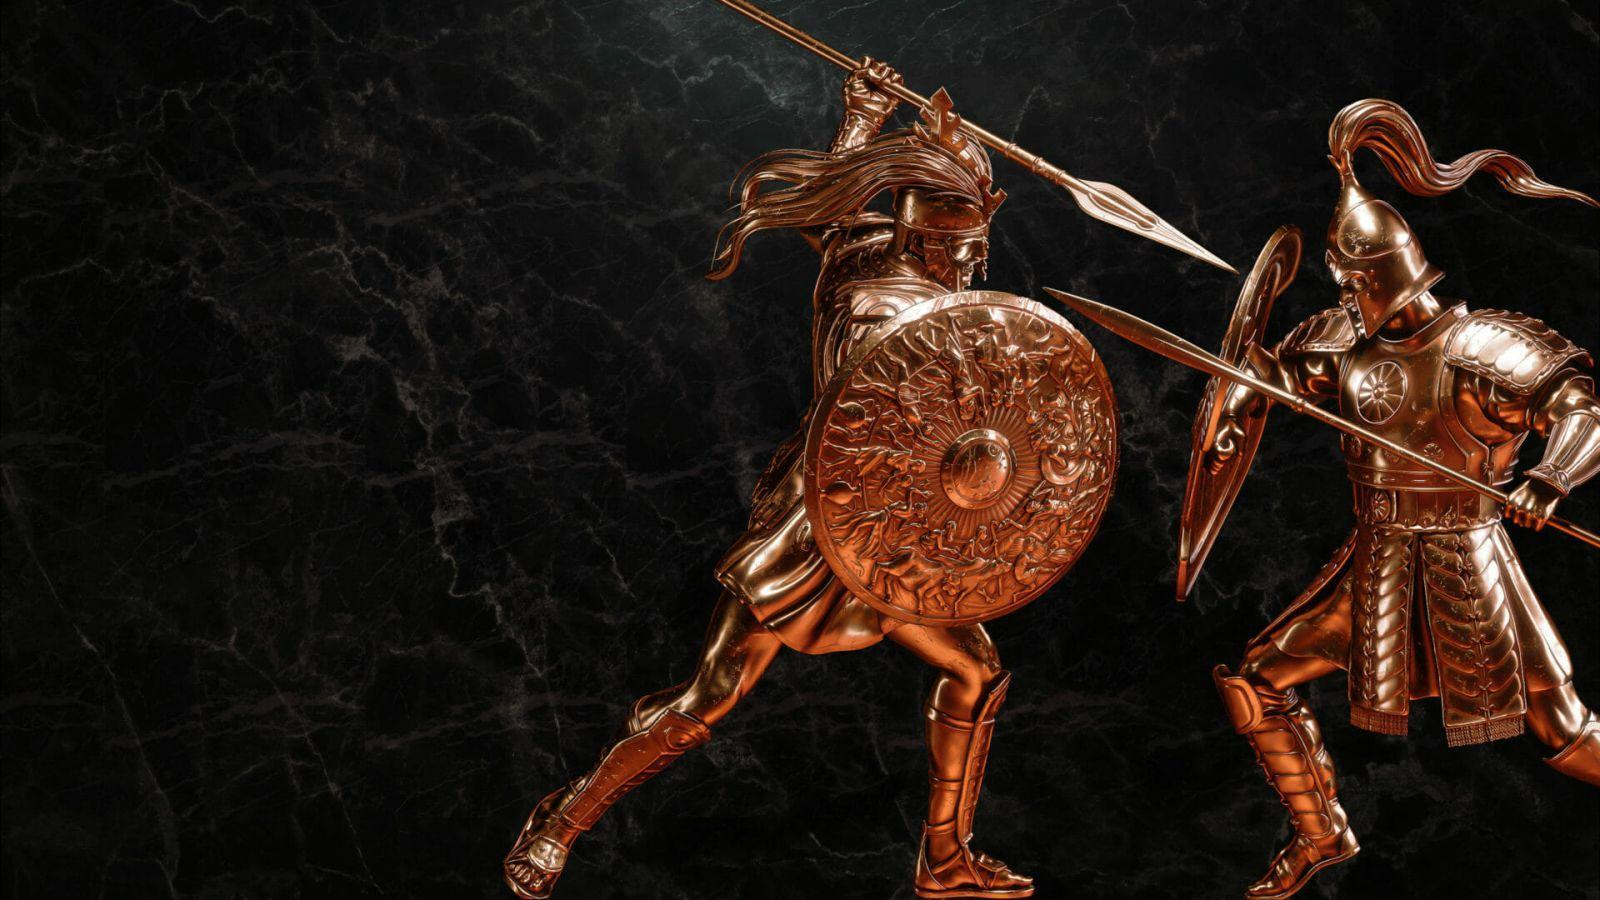 В сеть попали системные требования игры Total War Saga: Troy (01 1 1)